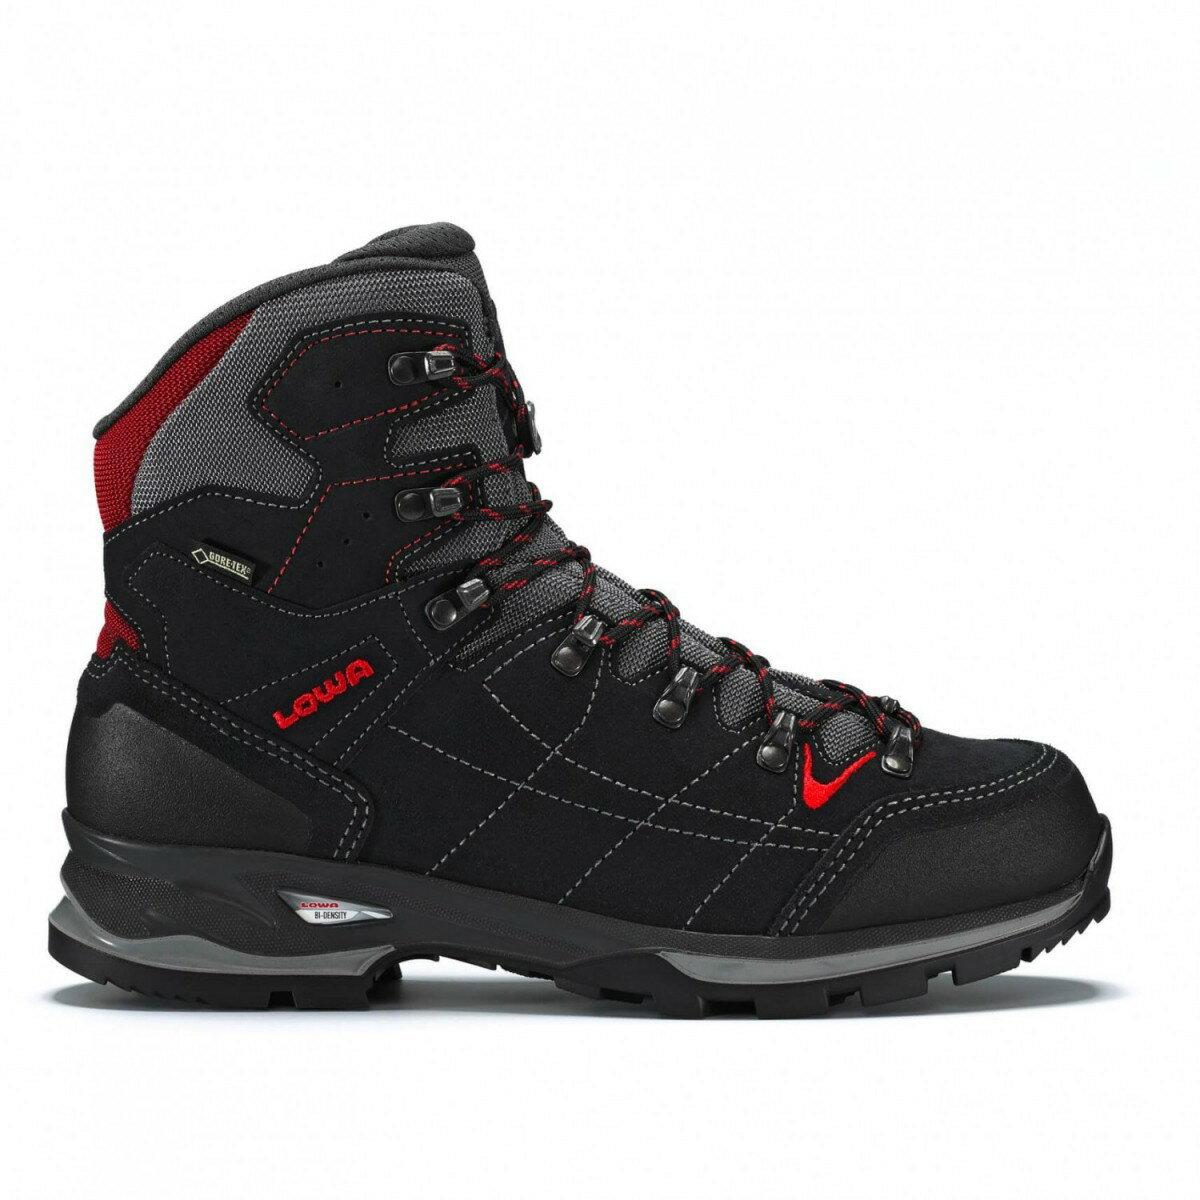 ローバー Vantage GTX Mid (Navy / Red)★登山靴・靴・登山・アウトドアシューズ・山歩き★